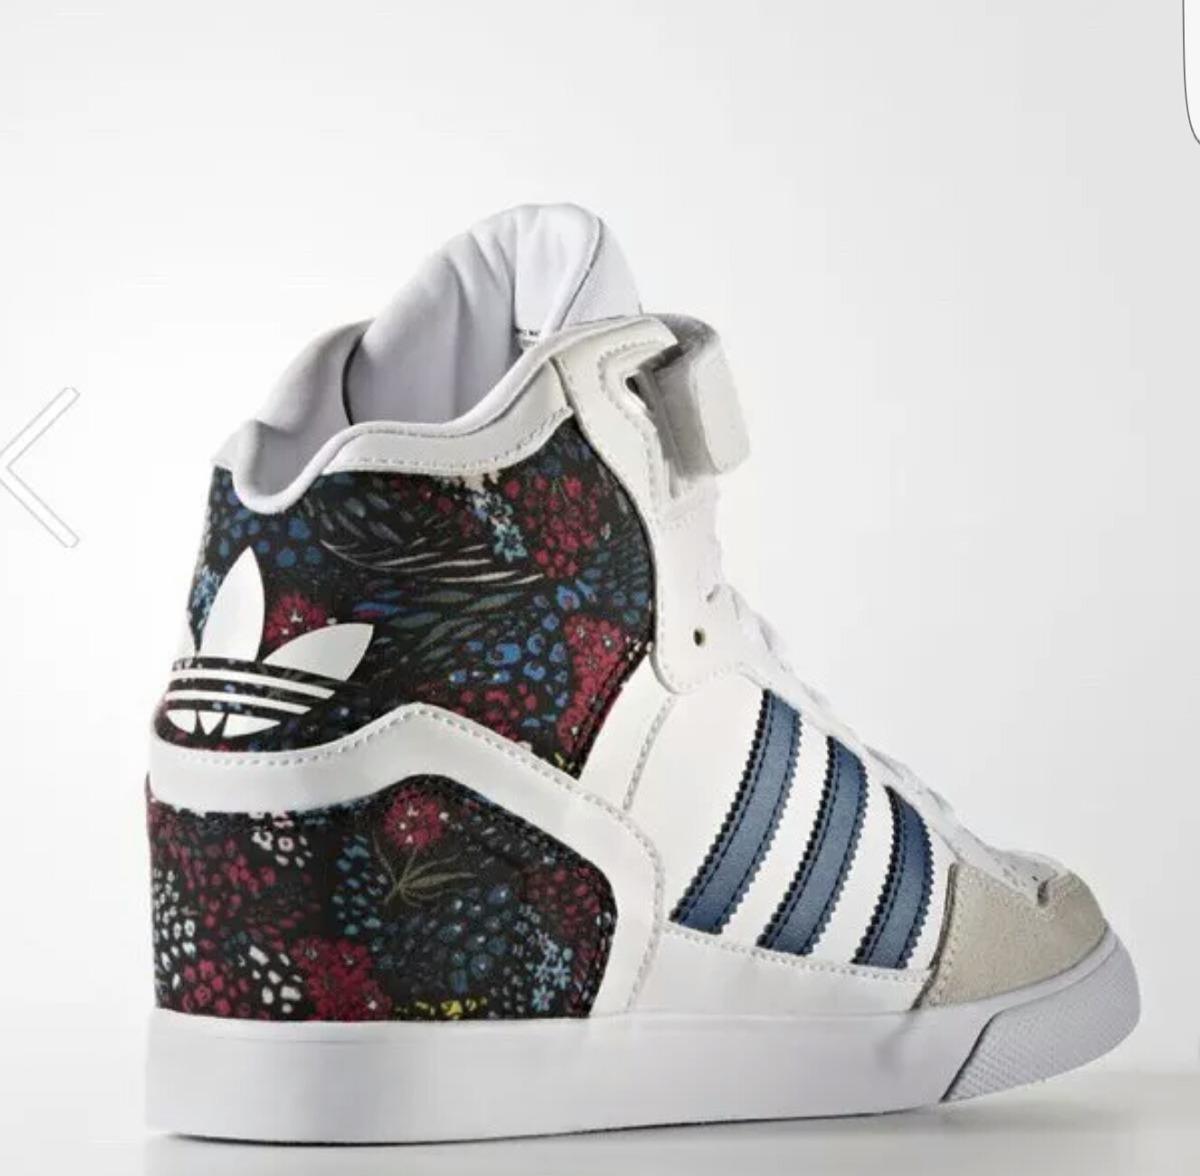 half off 66a12 49bef zapatillas adidas mujer extaball up w taco interno · zapatillas adidas mujer.  Cargando zoom.